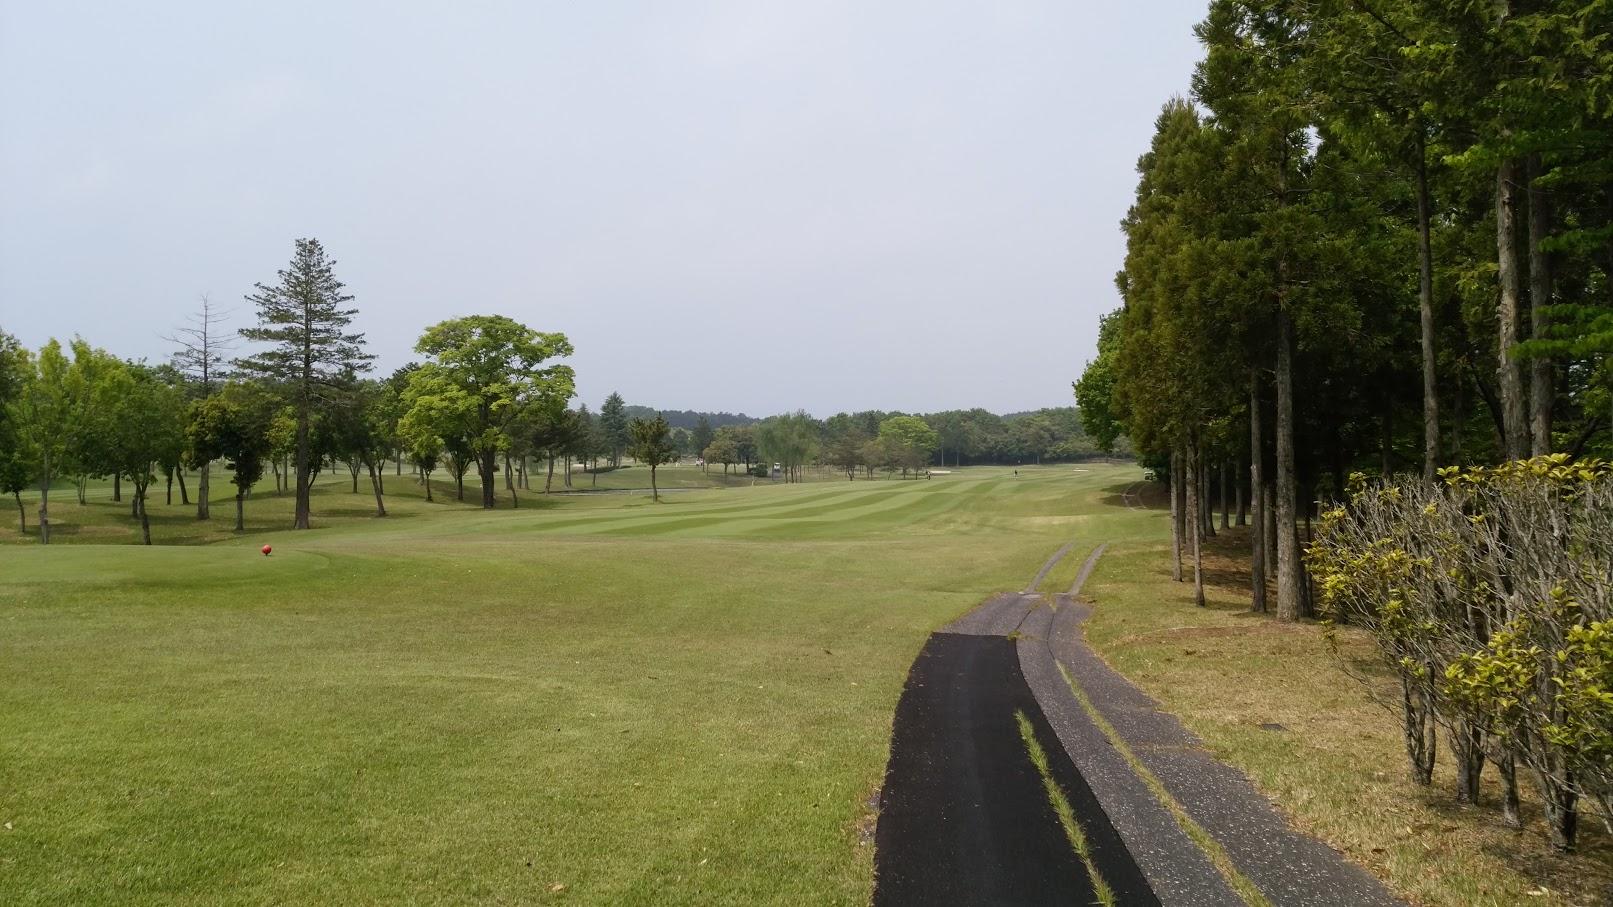 久しぶりのゴルフへ。_f0039907_15553714.jpg